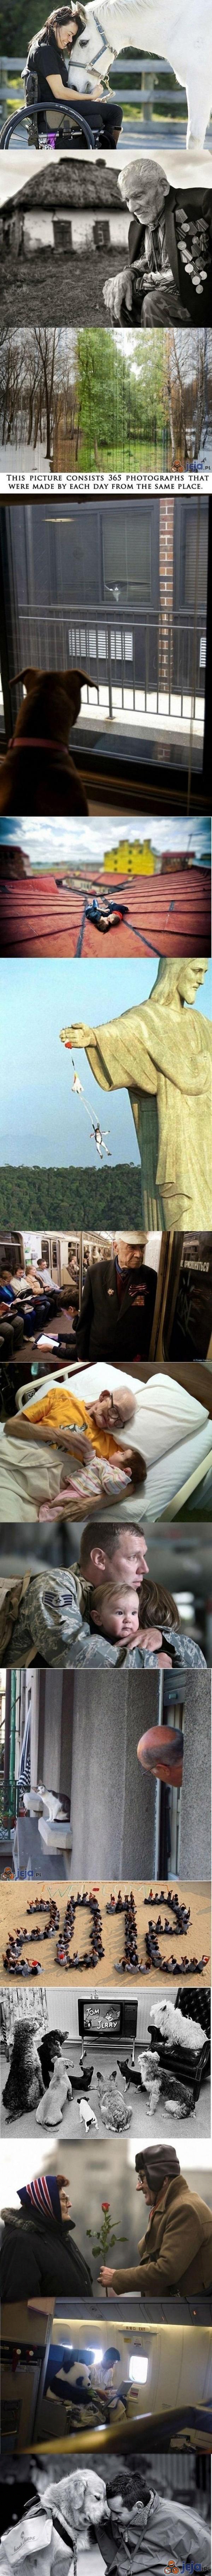 Zdjęcia mówią więcej niż tysiąc słów